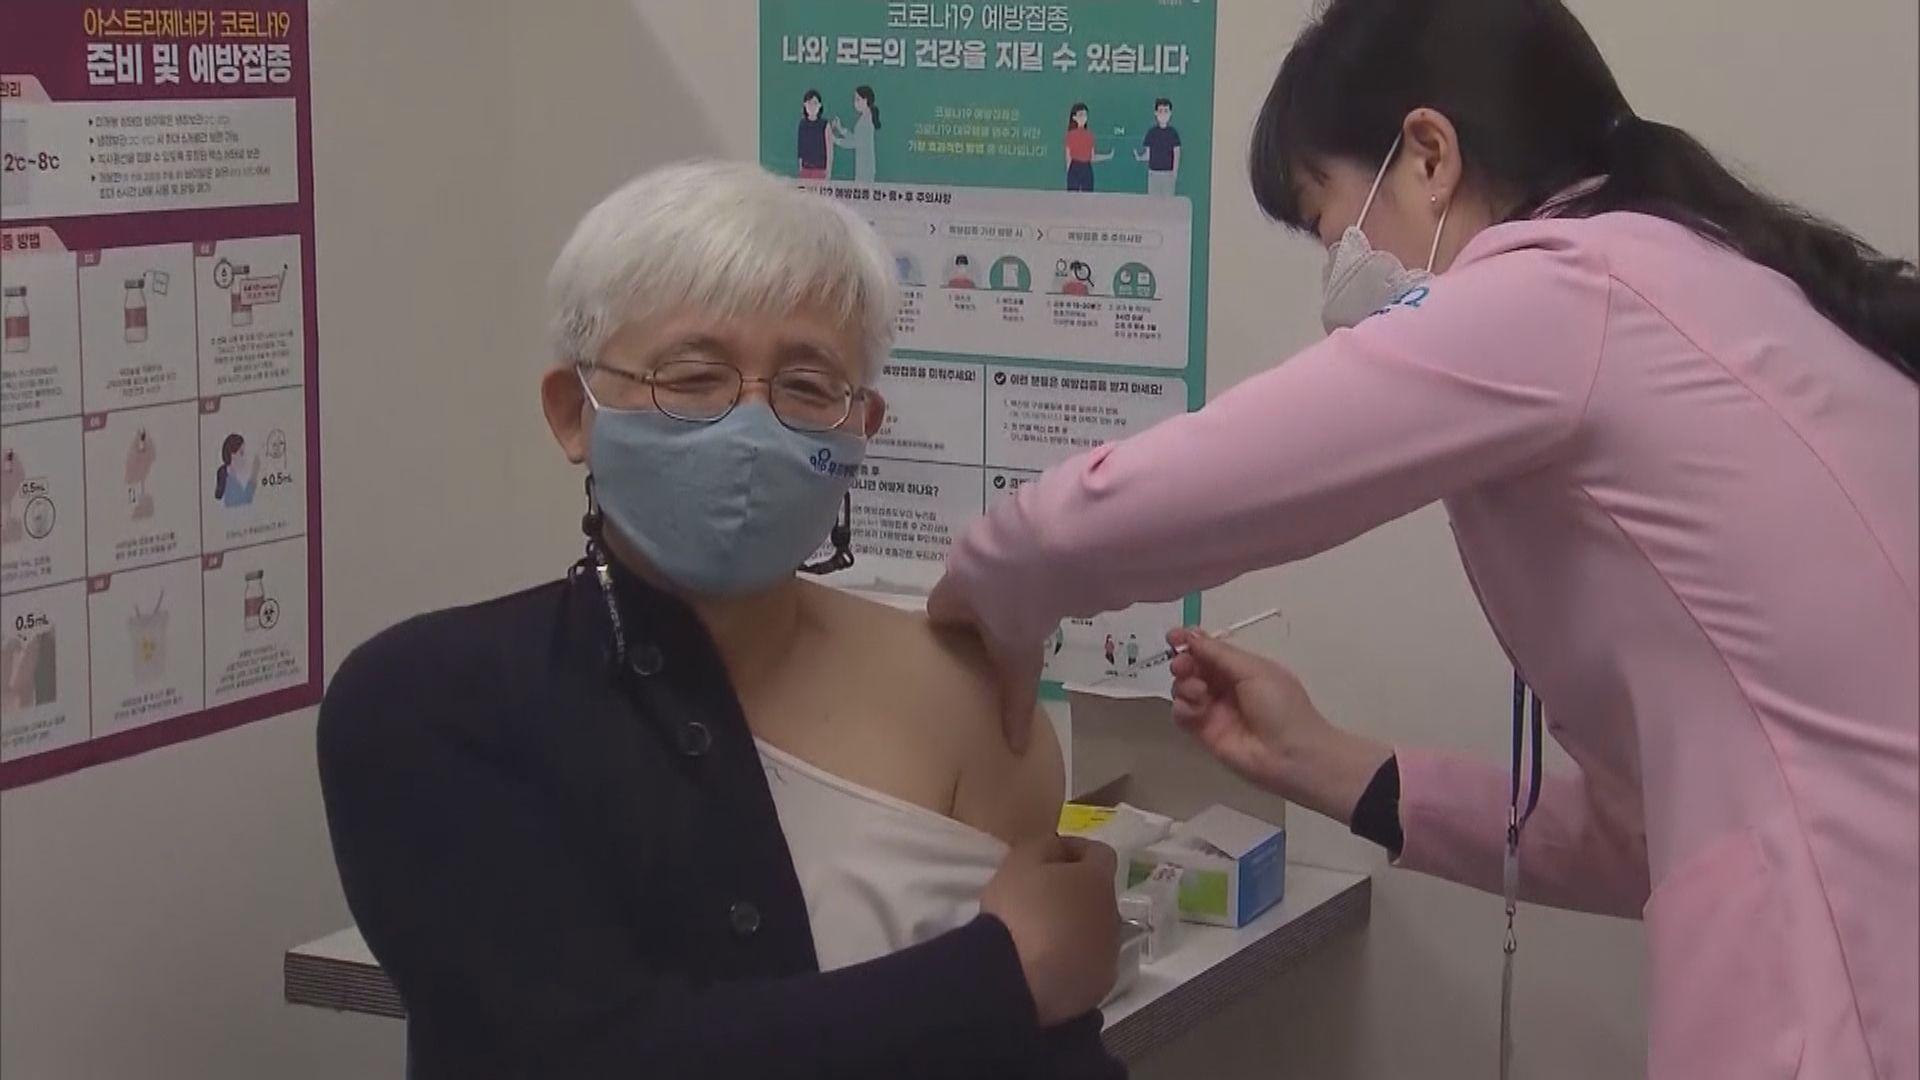 南韓准許每瓶新冠疫苗增1至2人接種